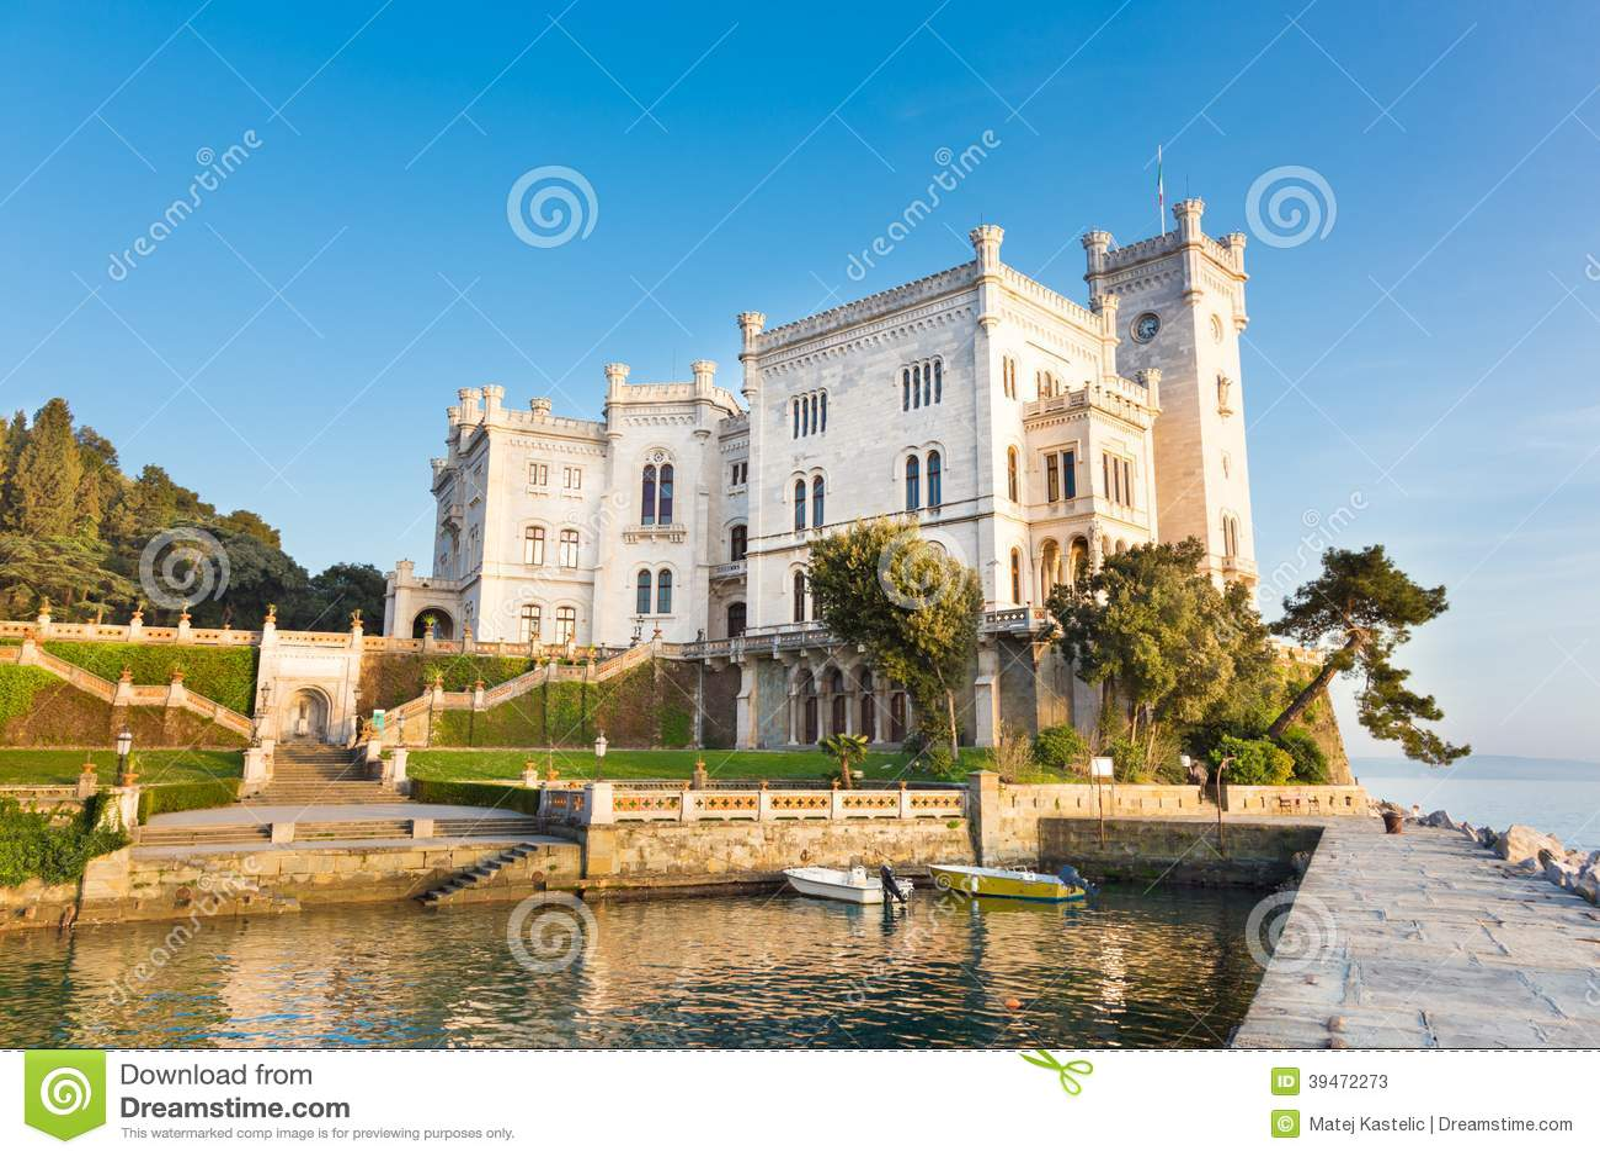 Gratis slott i italien